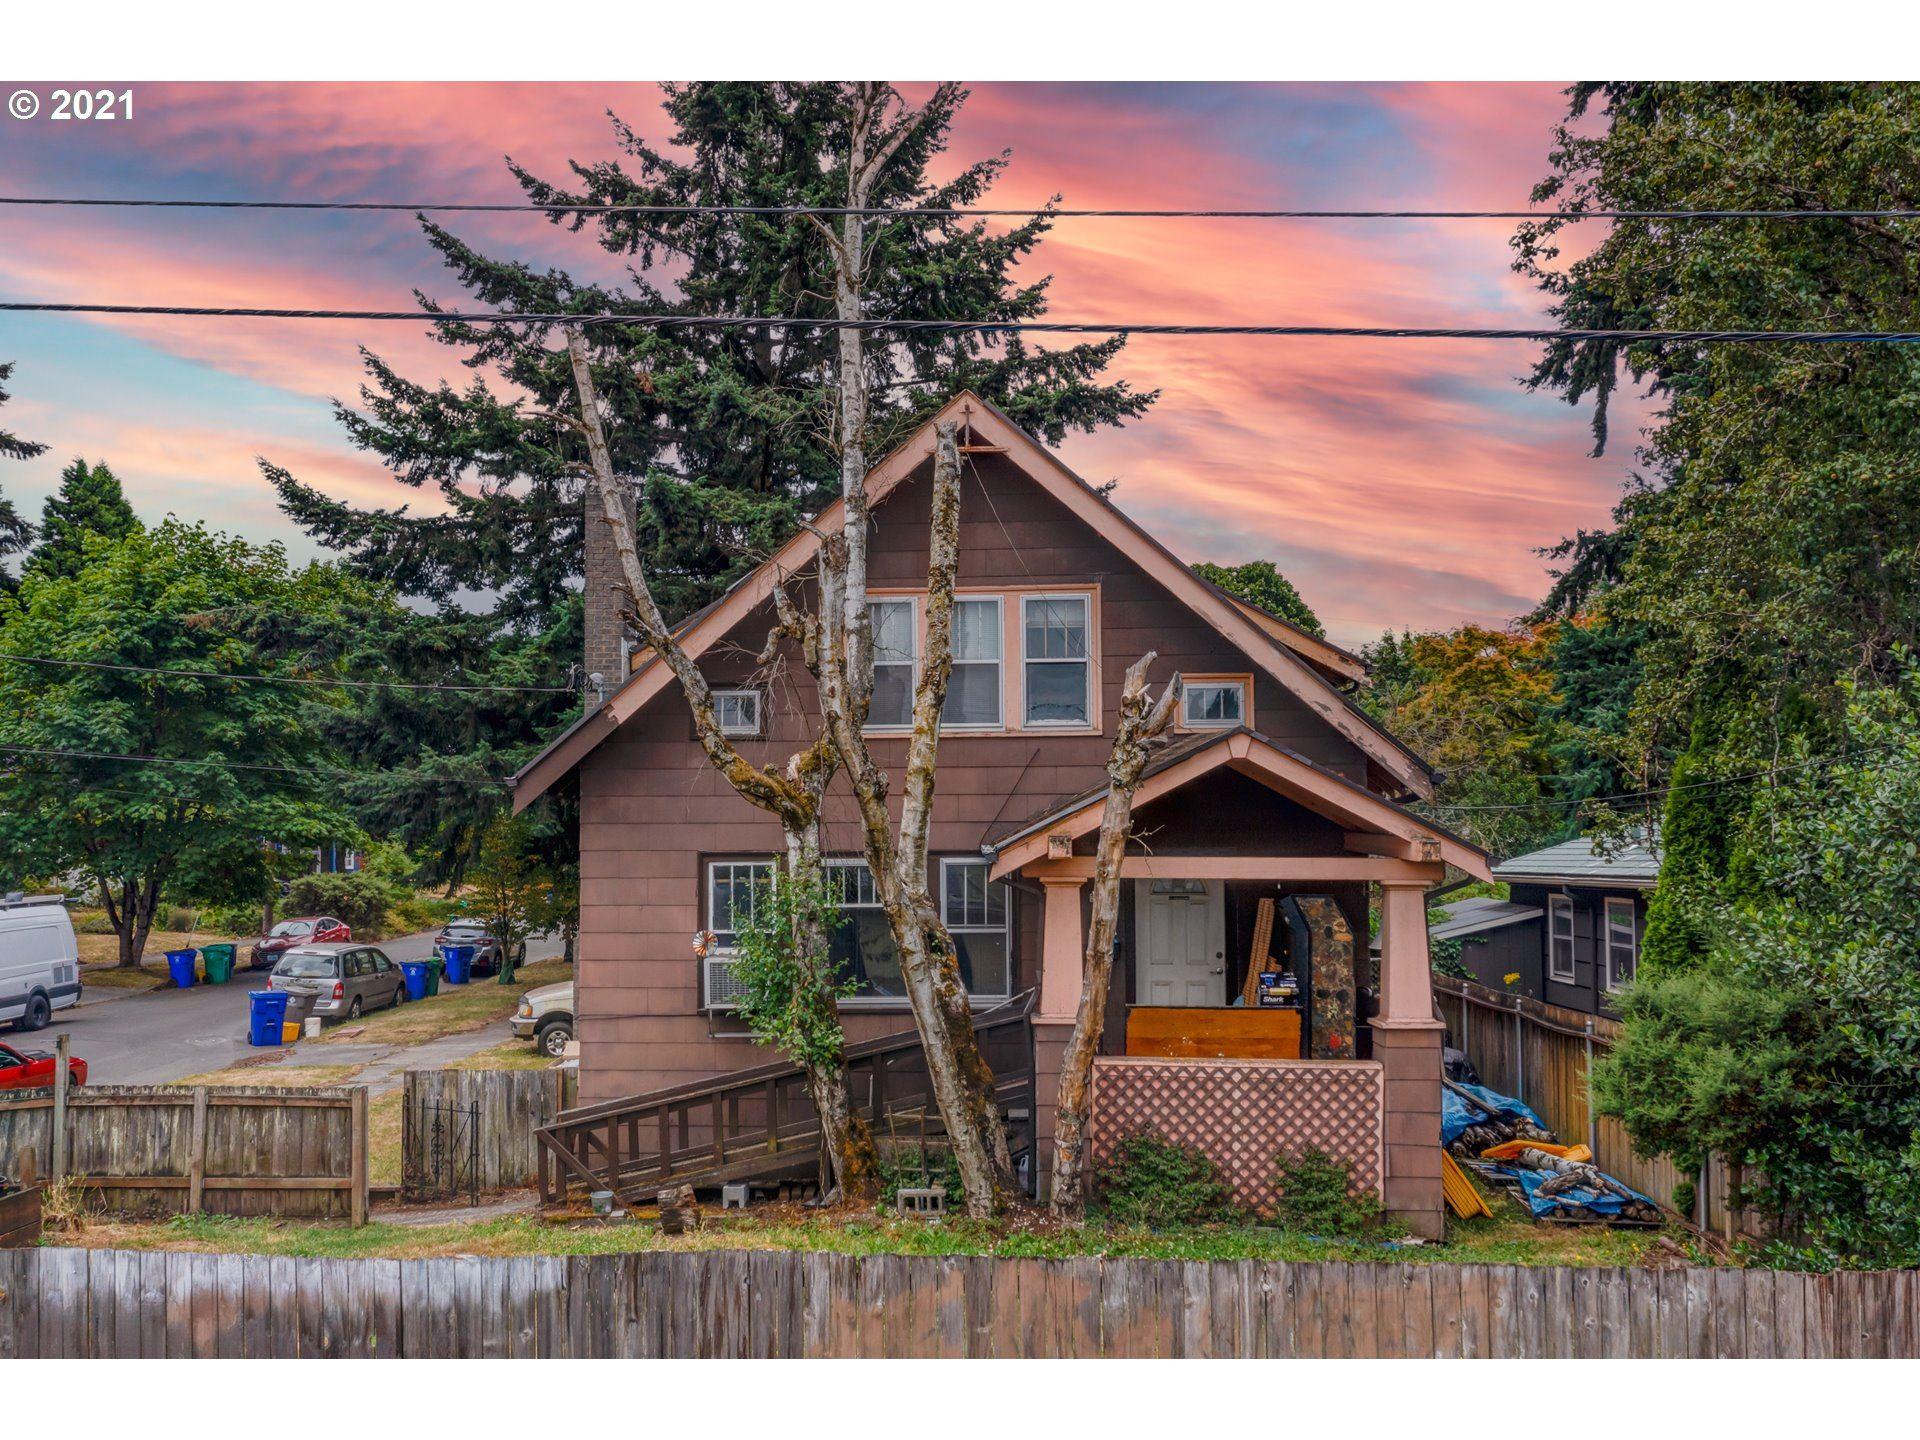 3532 NE KILLINGSWORTH ST, Portland, OR 97211 - MLS#: 21400119